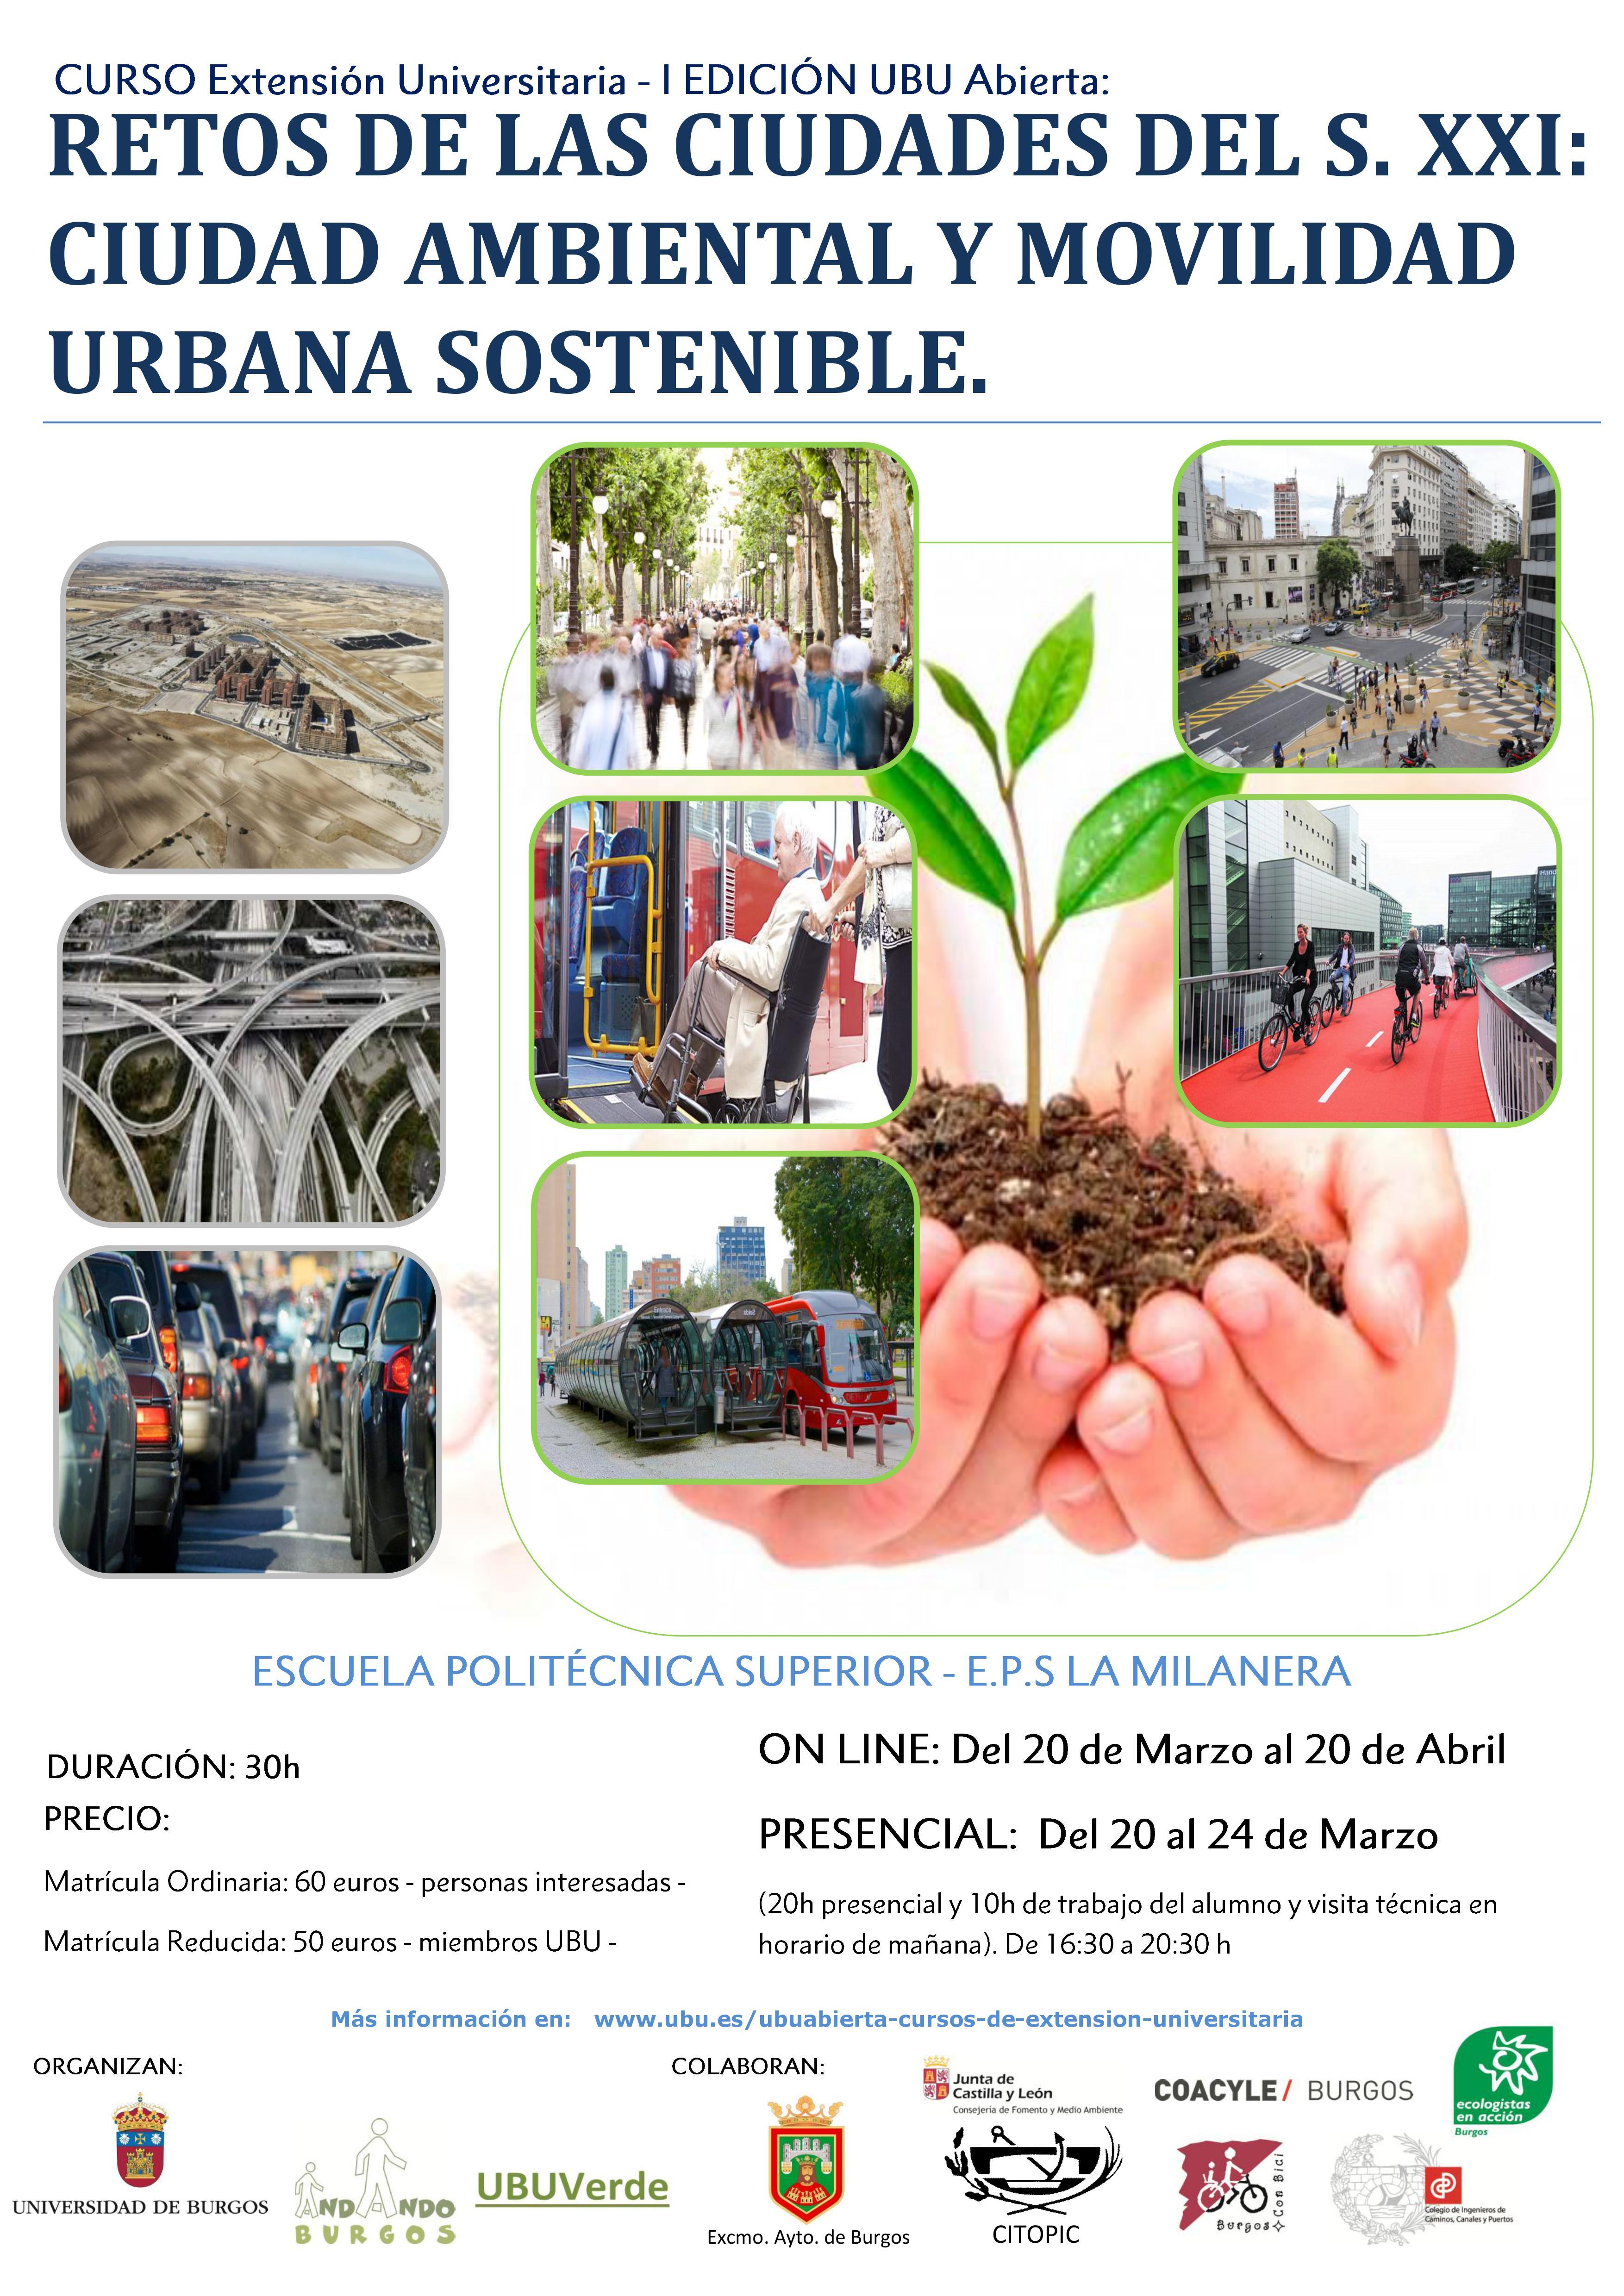 Cartel Curso UBu medioambiente y movilidad